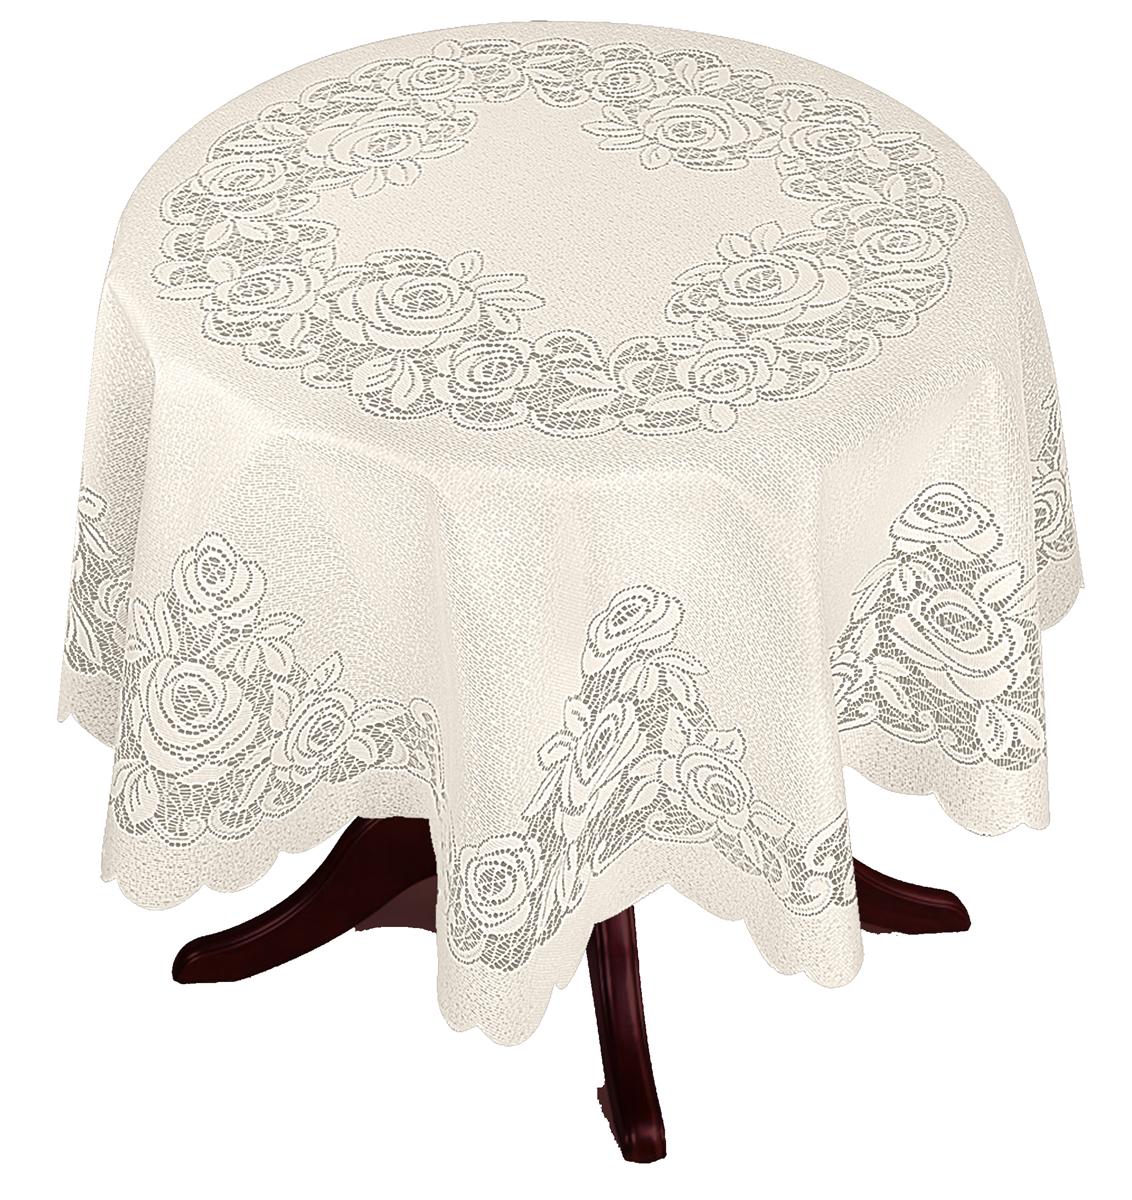 Скатерть Zlata Korunka, круглая, цвет: шампань, диаметр 175 смVT-1520(SR)Великолепная скатерть Zlata Korunka, выполненная из полиэстера, органично впишется в интерьер любого помещения, а оригинальный дизайн удовлетворит даже самый изысканный вкус. Она создаст праздничное настроение и станет прекрасным дополнением интерьера гостиной, кухни или столовой.